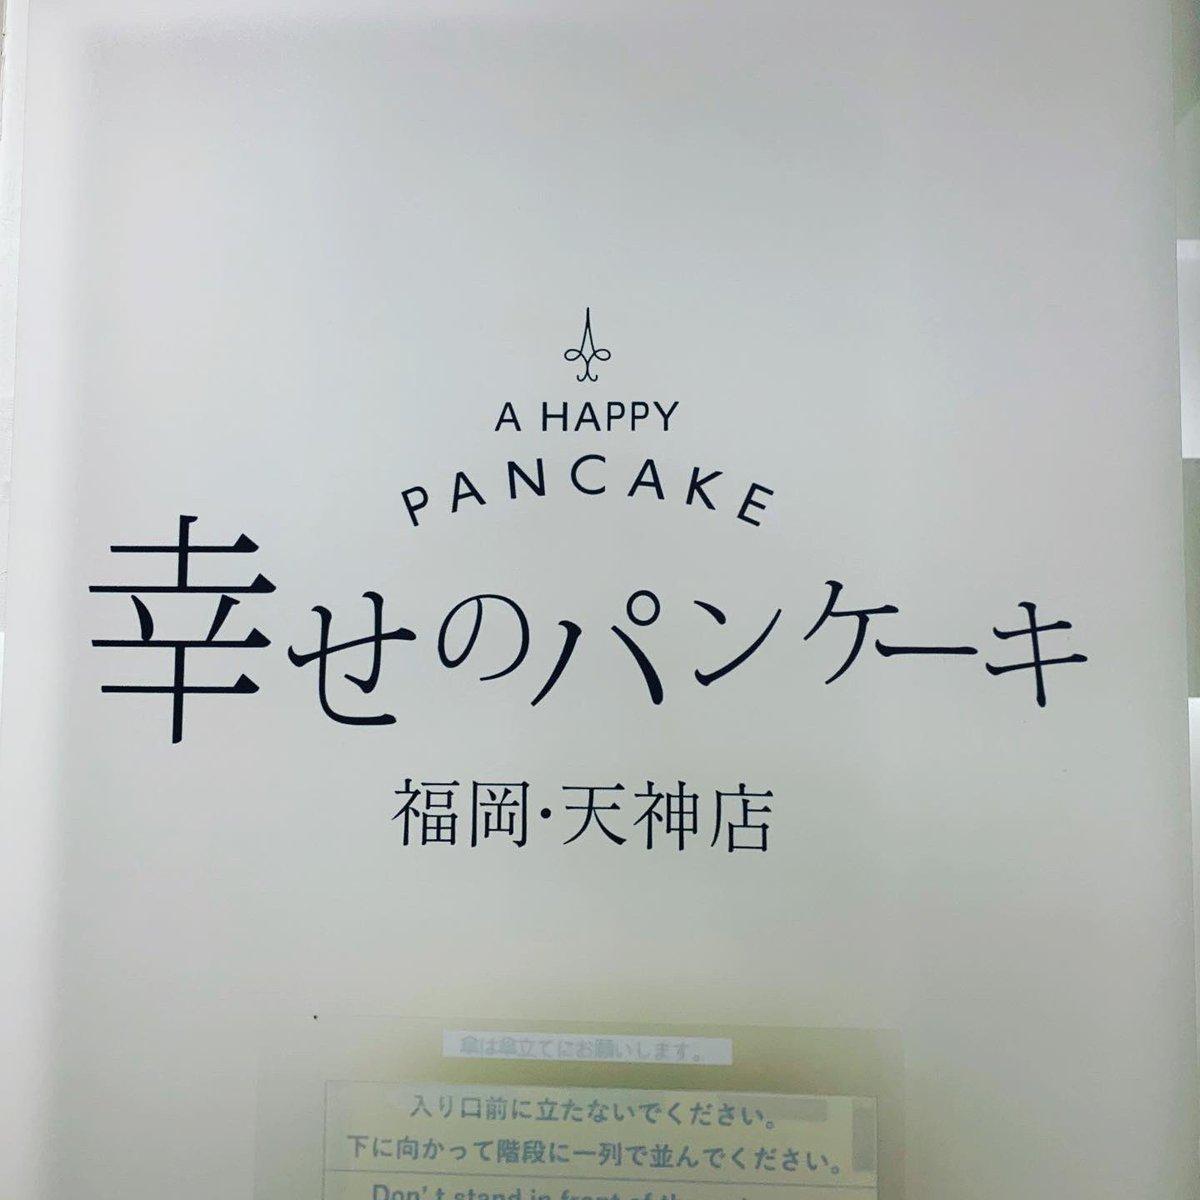 test ツイッターメディア - 今日は前から行きたかった幸せのパンケーキに…♡♡ めちゃめちゃ美味しかったよ。 また…行きたい♡♡めちゃめちゃ楽しかった♡♡ #福岡天神 #幸せのパンケーキ https://t.co/yeESV139BE